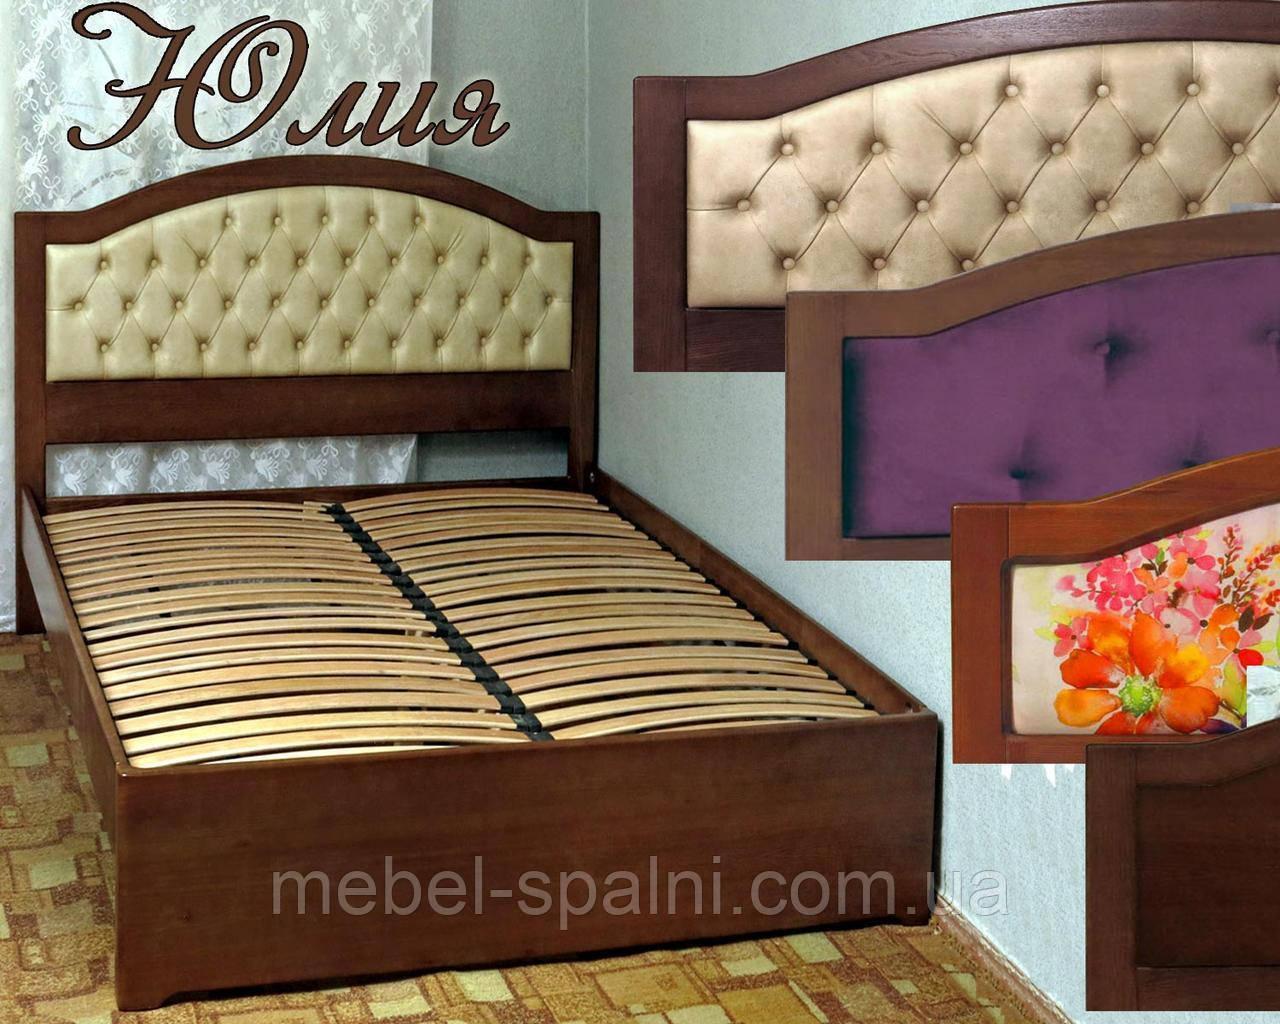 Кровать двуспальная деревянная 200х200 «Юлия» с ящиками, с подъемным механизмом белая из дерева